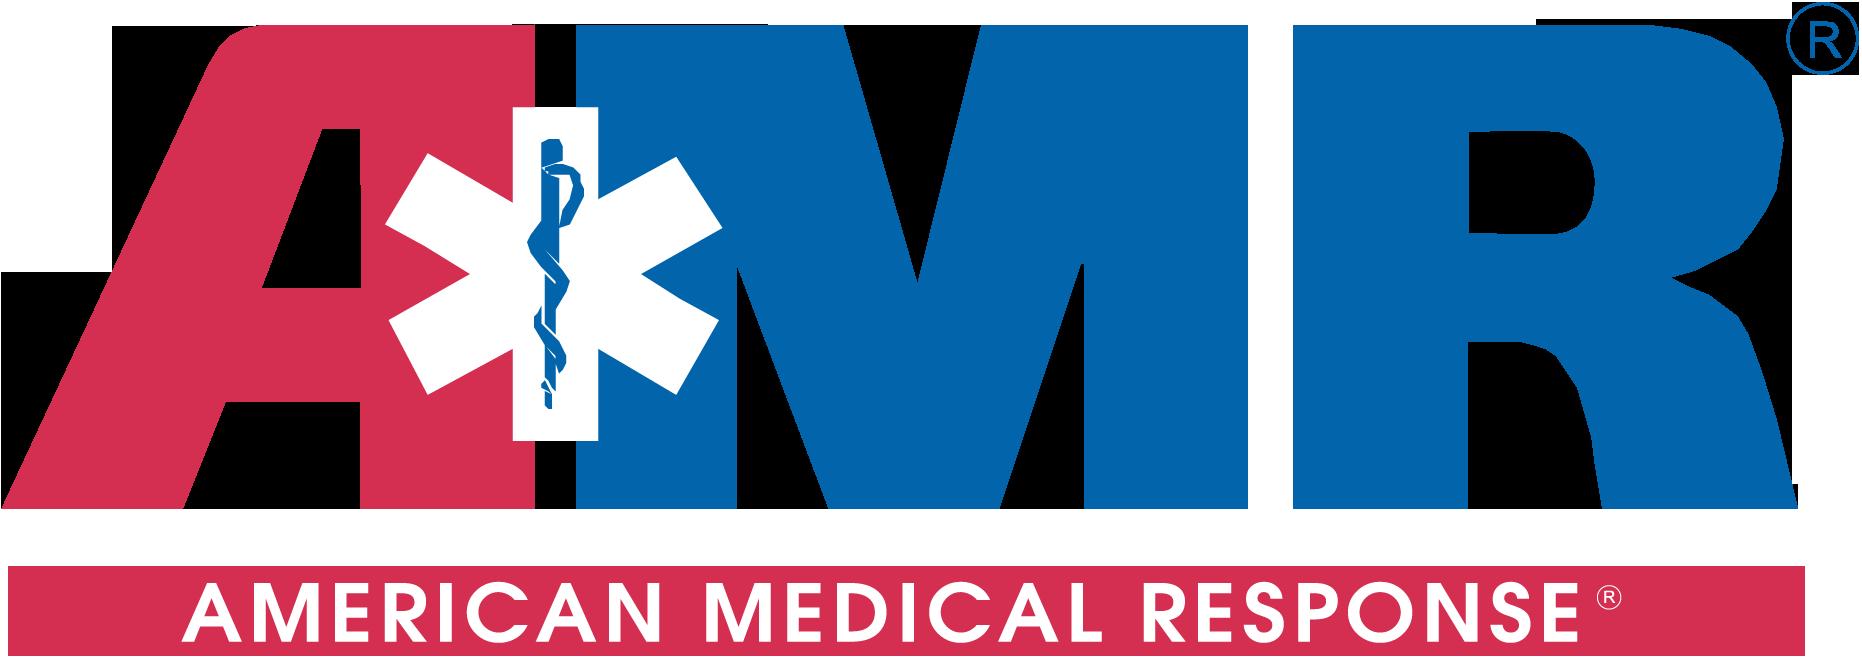 Kurtz ambulance logo image